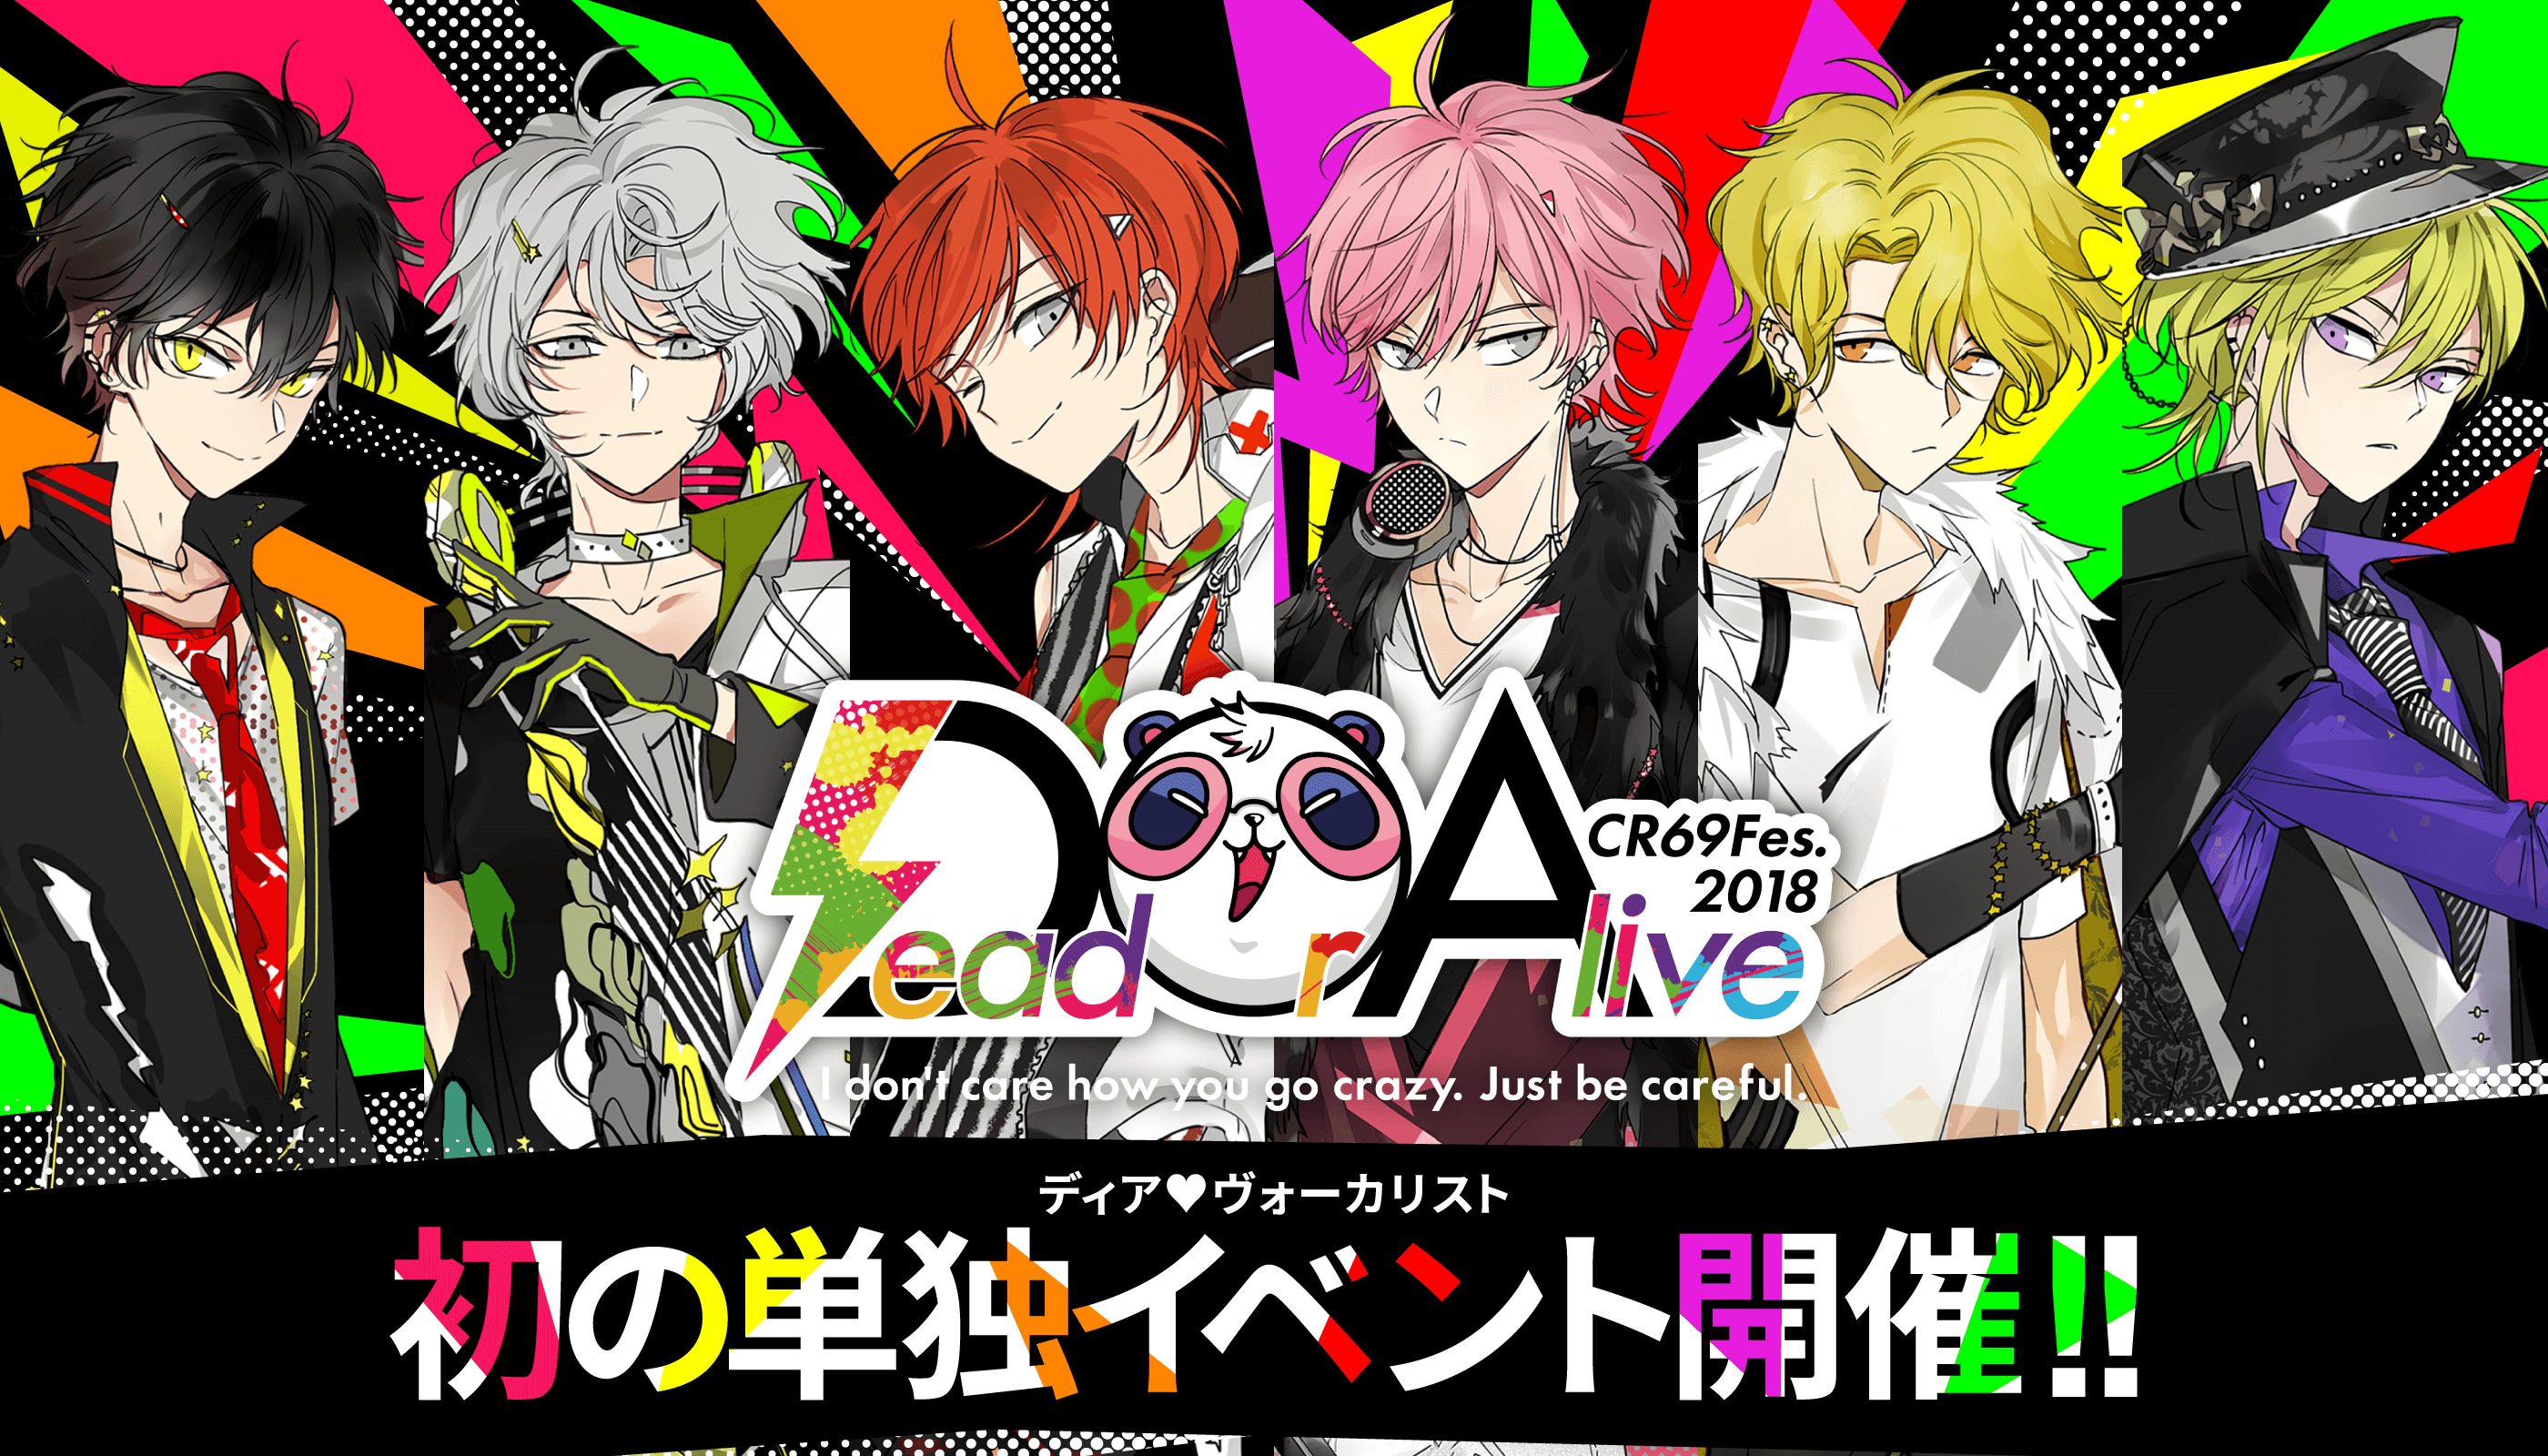 ディア♥ヴォーカリスト初の単独ライブイベント開催!!